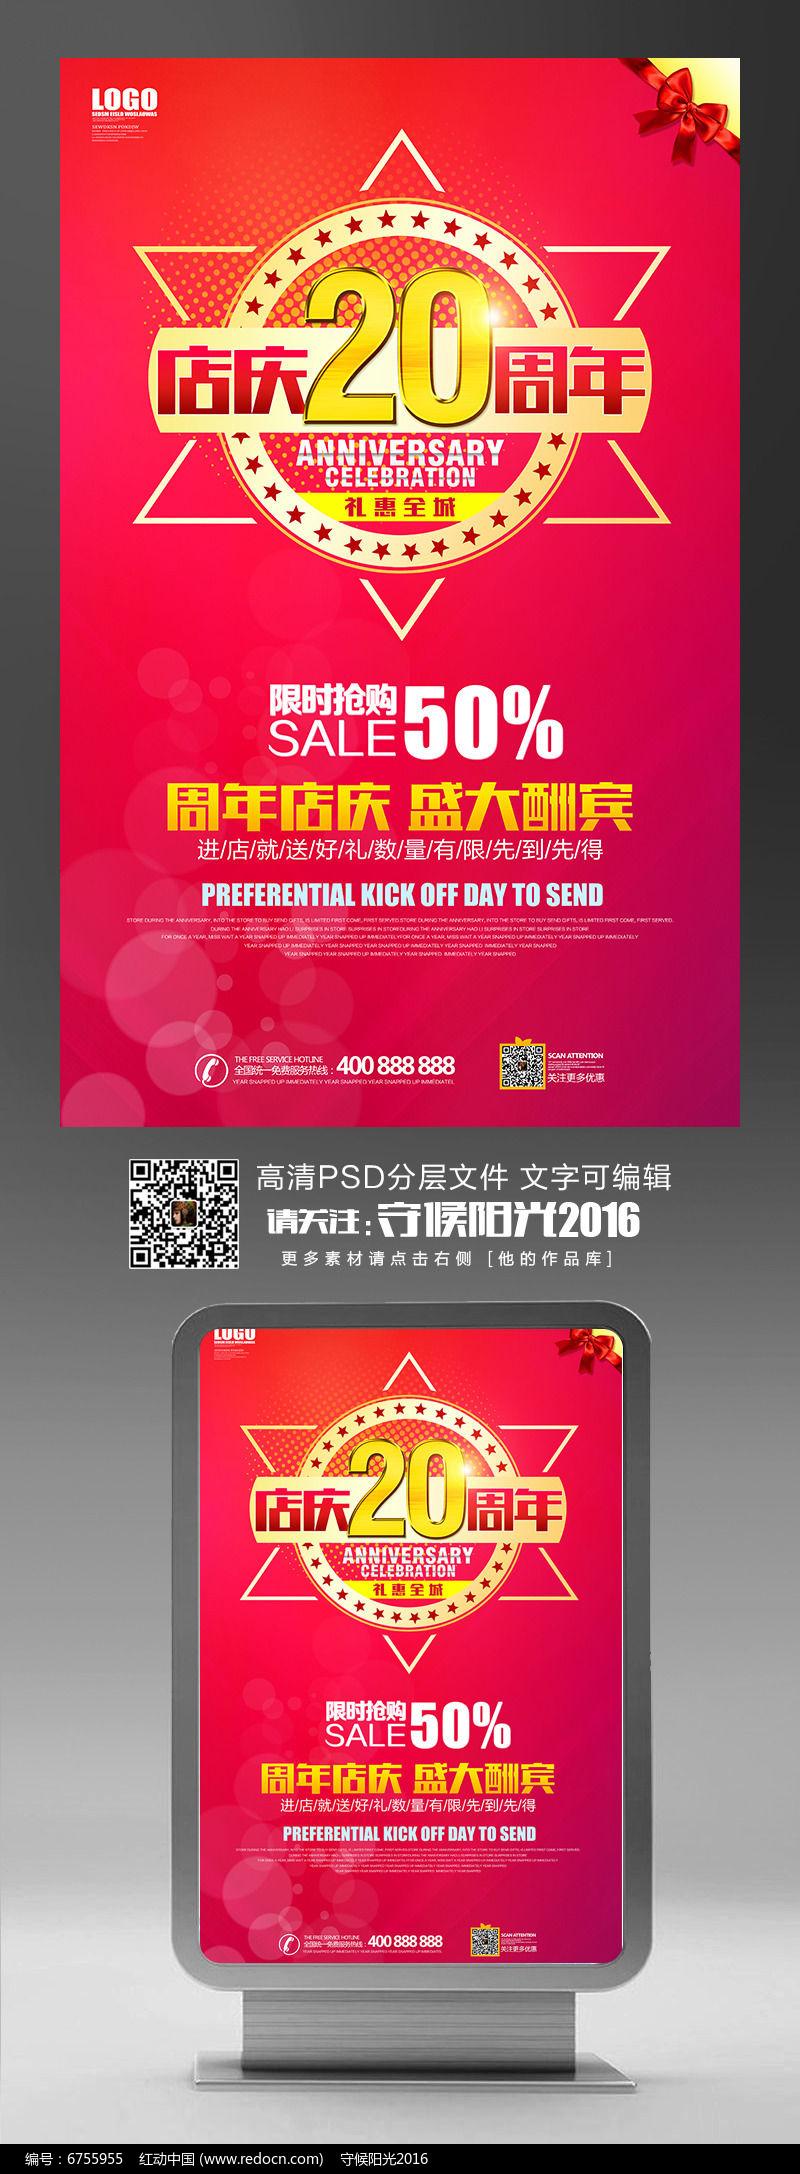 时尚商务红色店铺20周年庆宣传海报图片